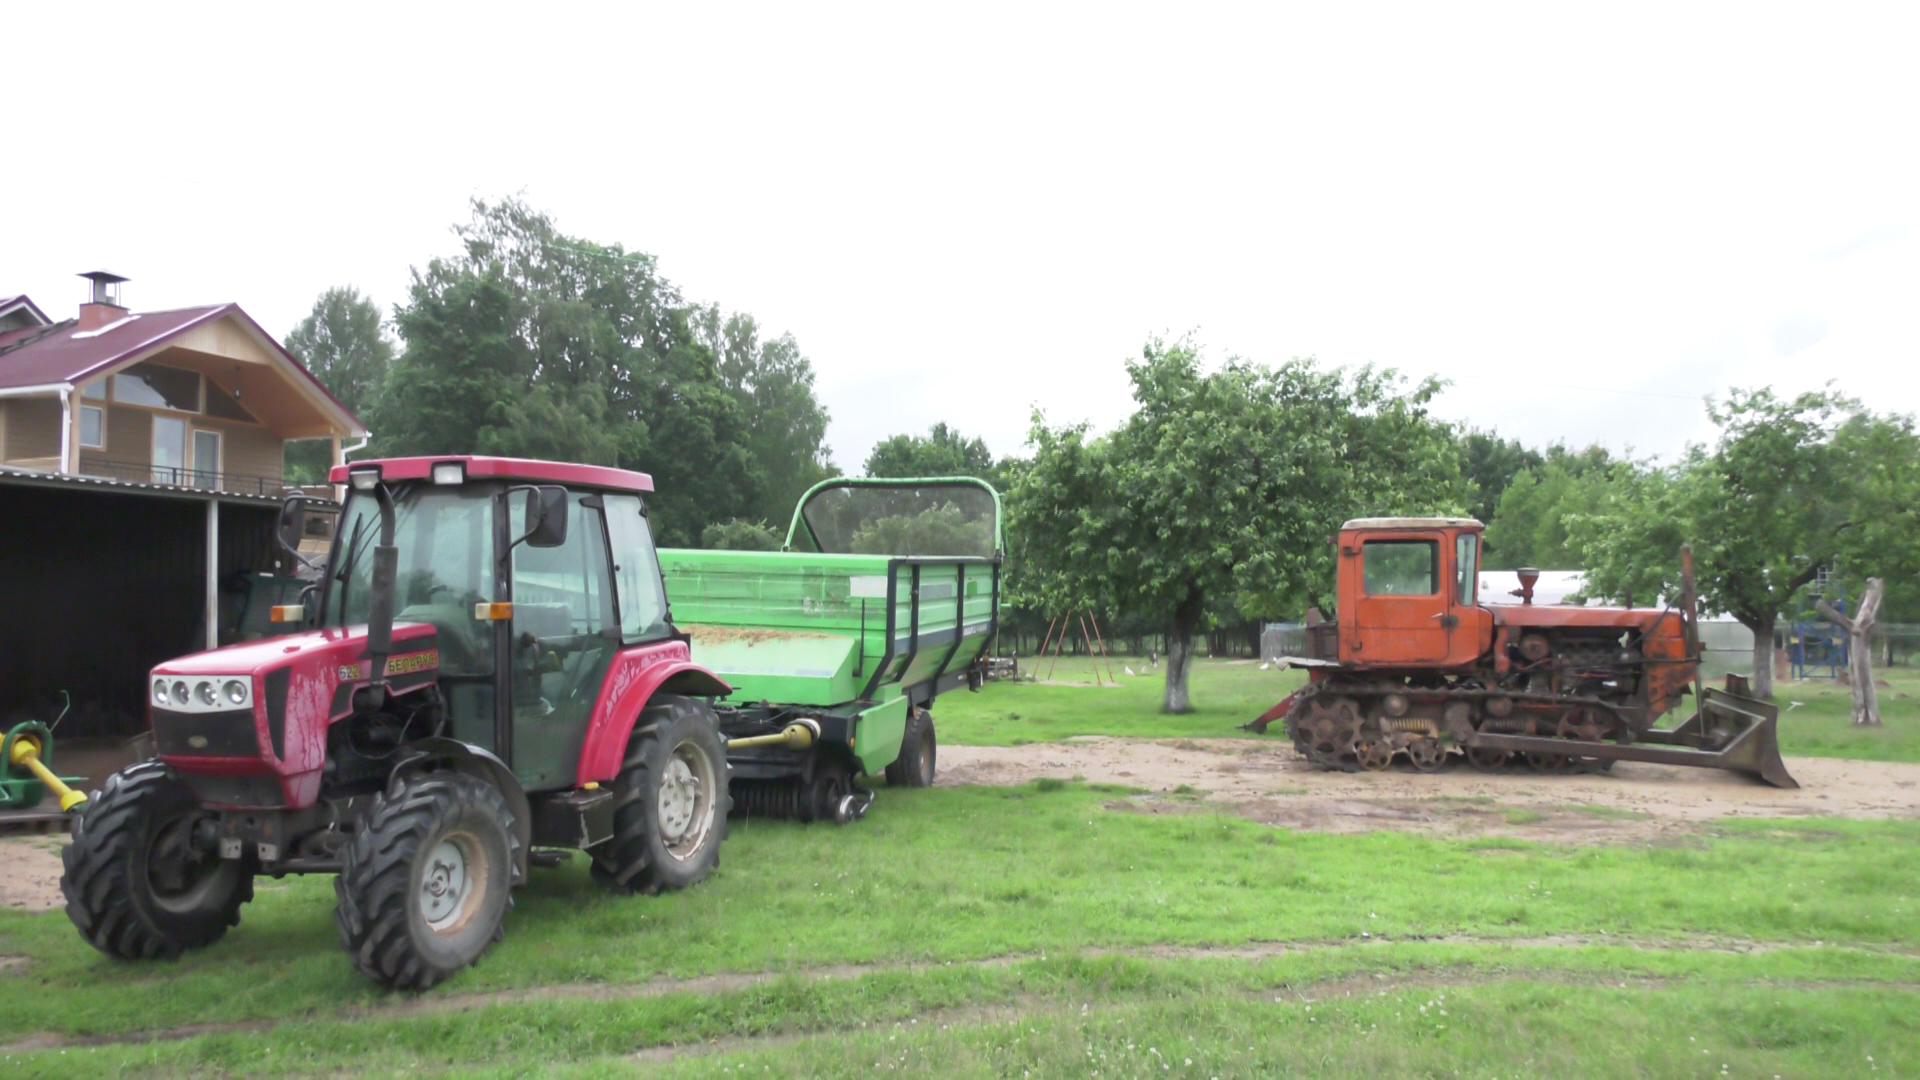 ferma - Органические продукты. Производятся ли они в Витебской области? (видео)